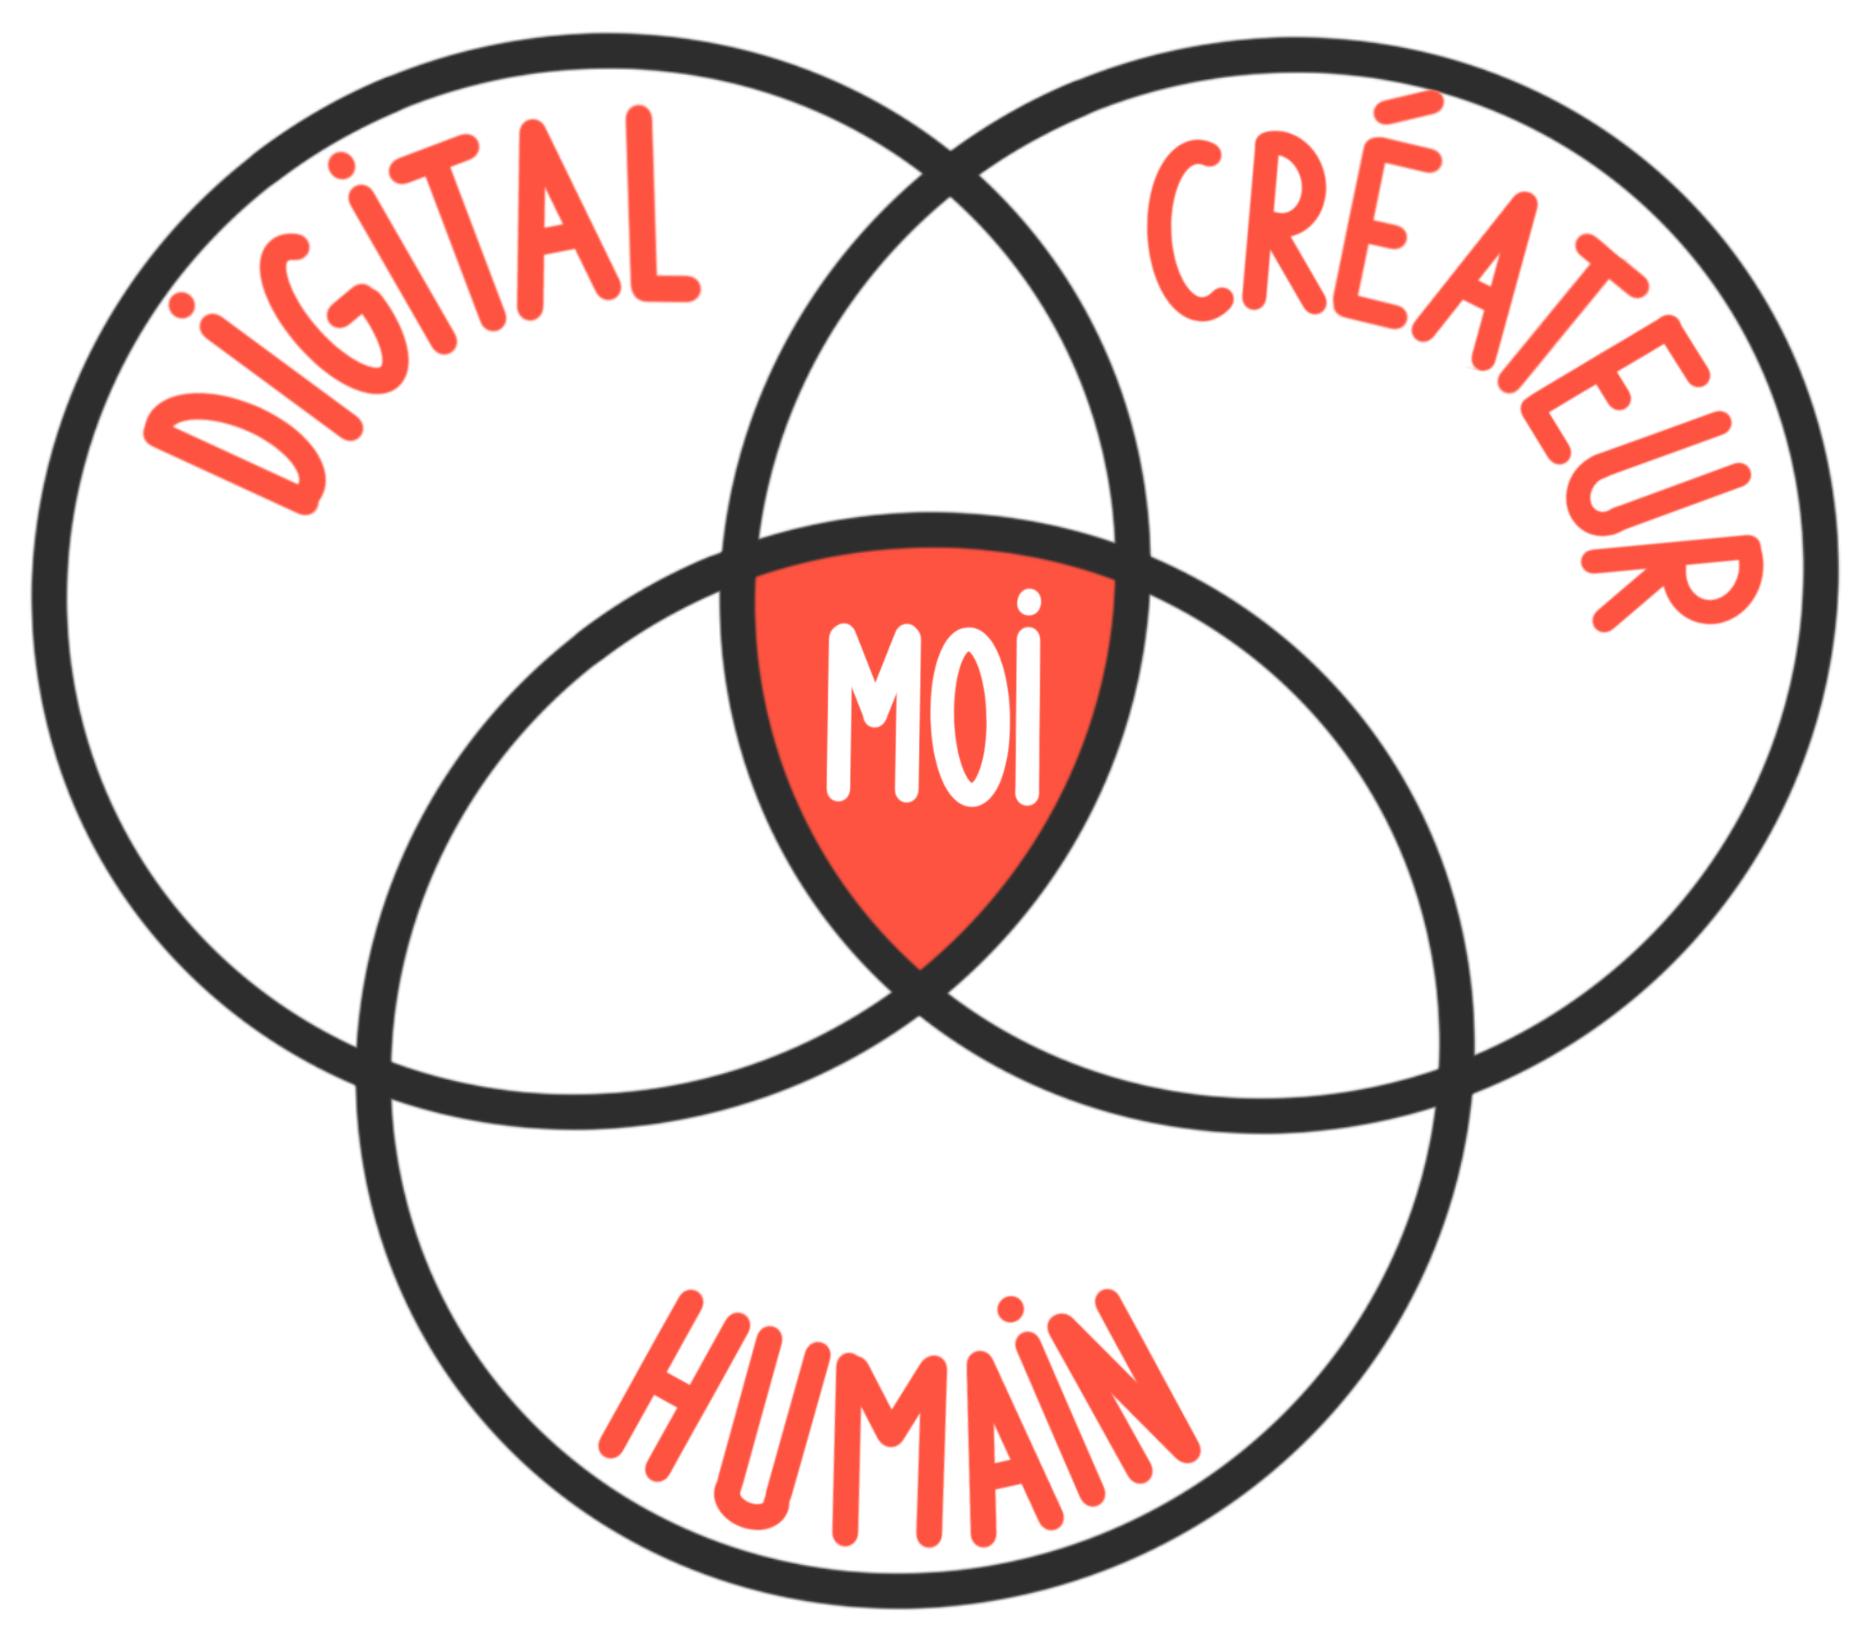 Le digital, l'humain et la créativité sont au cœur de tout ce que je fais.